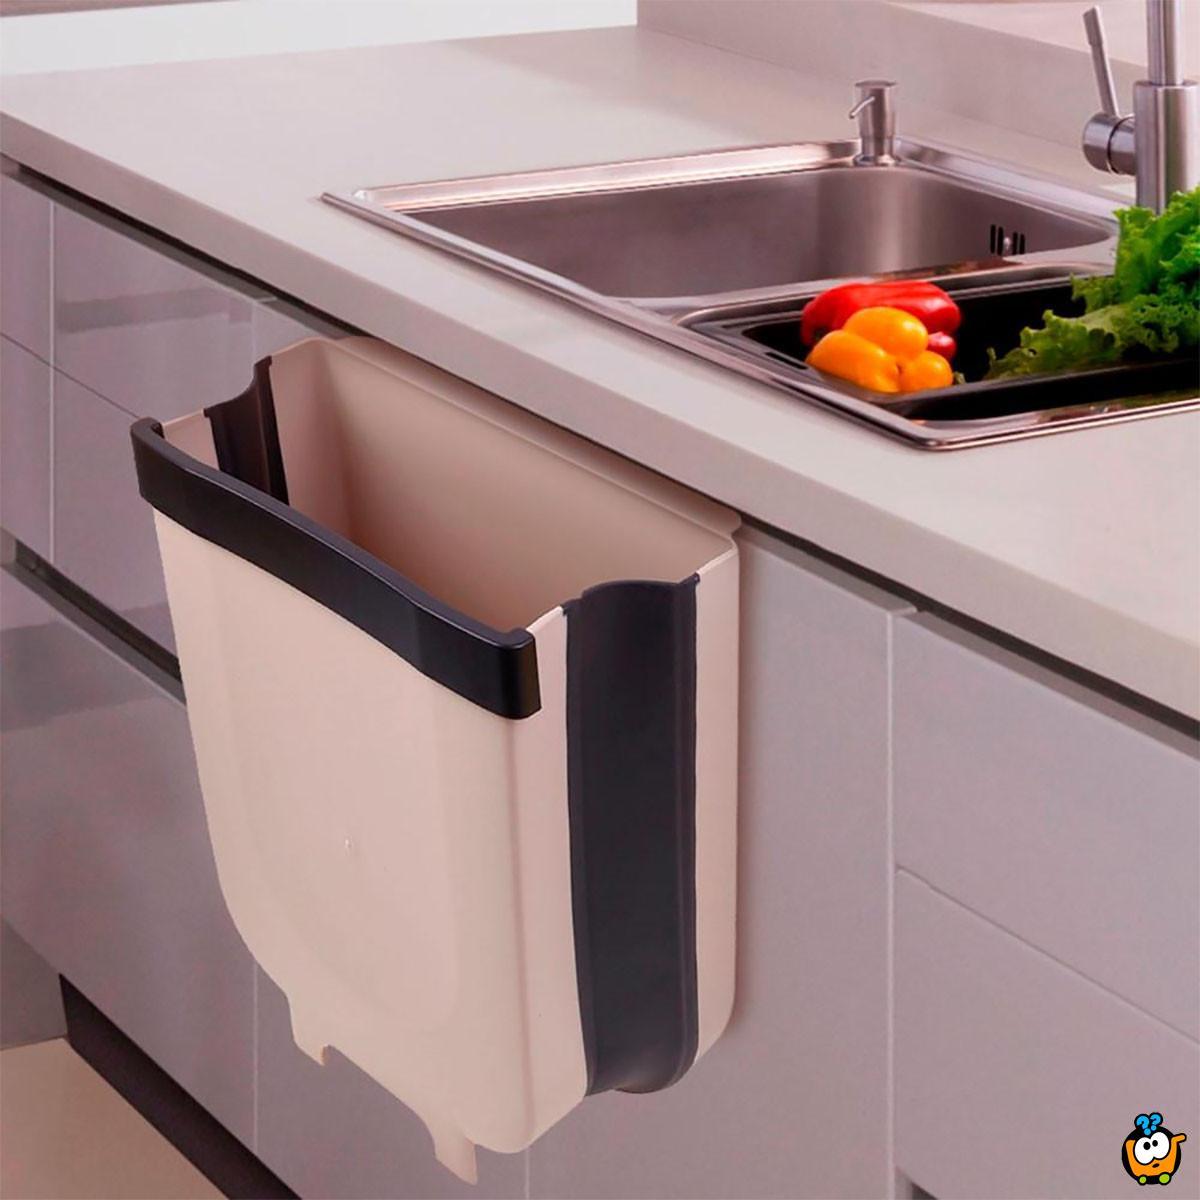 Viseća kuhinjska kanta za otpatke